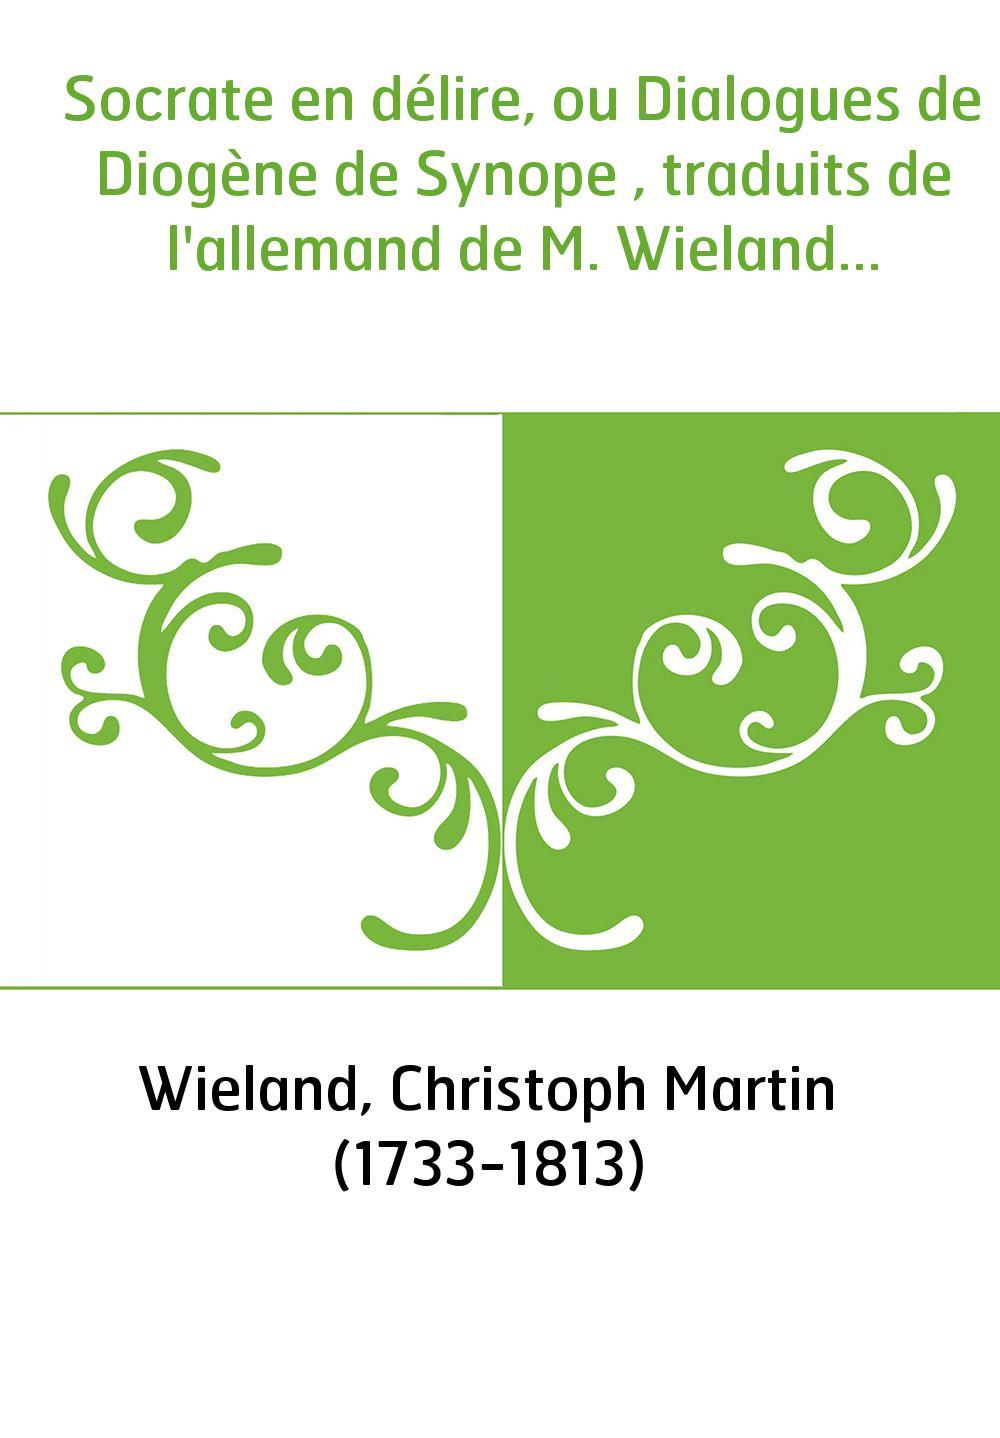 Socrate en délire, ou Dialogues de Diogène de Synope , traduits de l'allemand de M. Wieland...